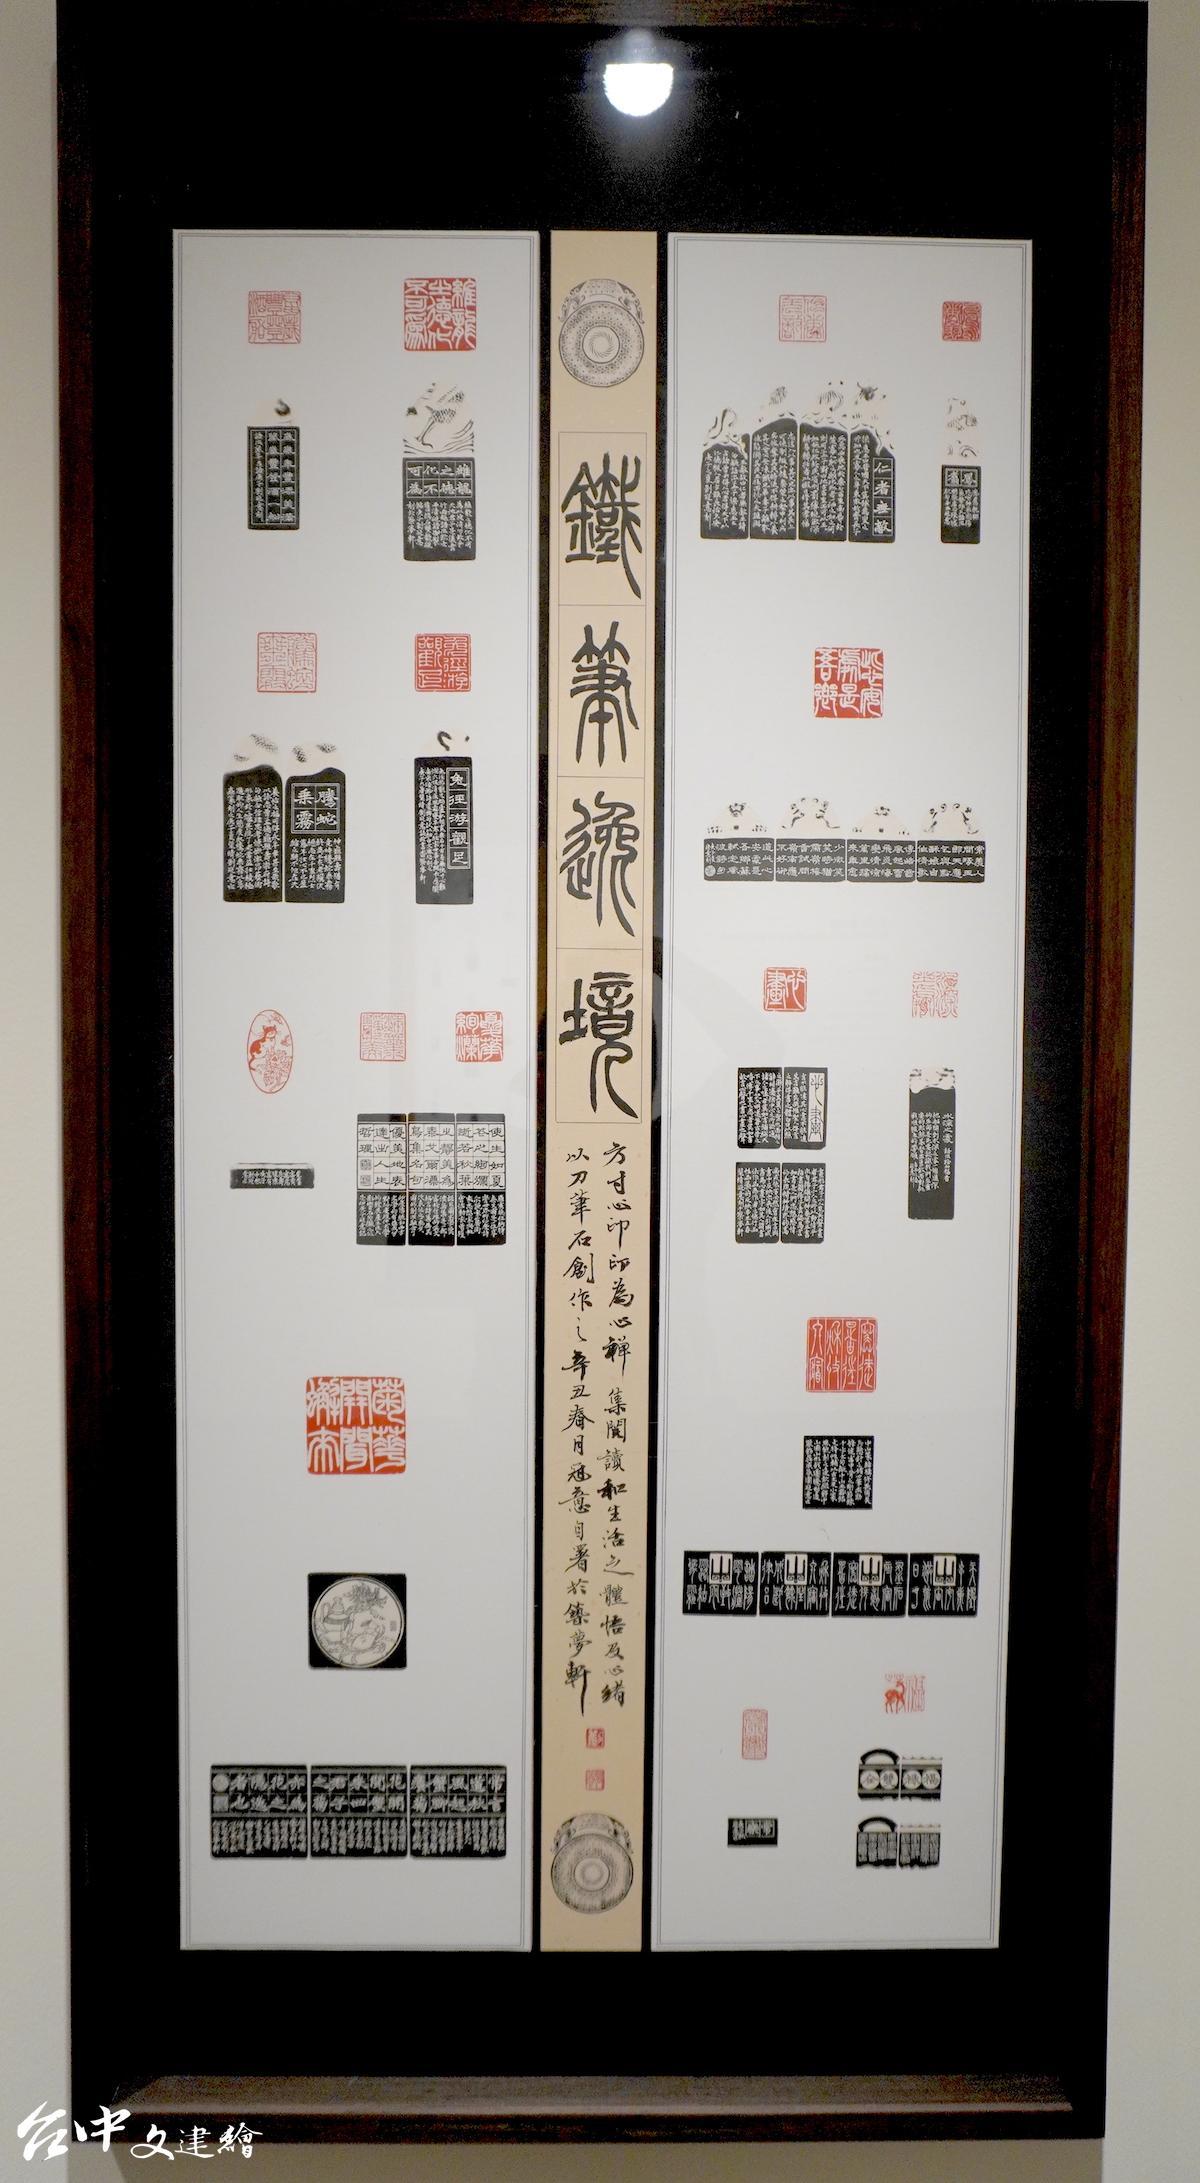 2021 全國美展,篆刻冠軍,劉冠意「鐵筆逸境」。(圖:台中文建繪)